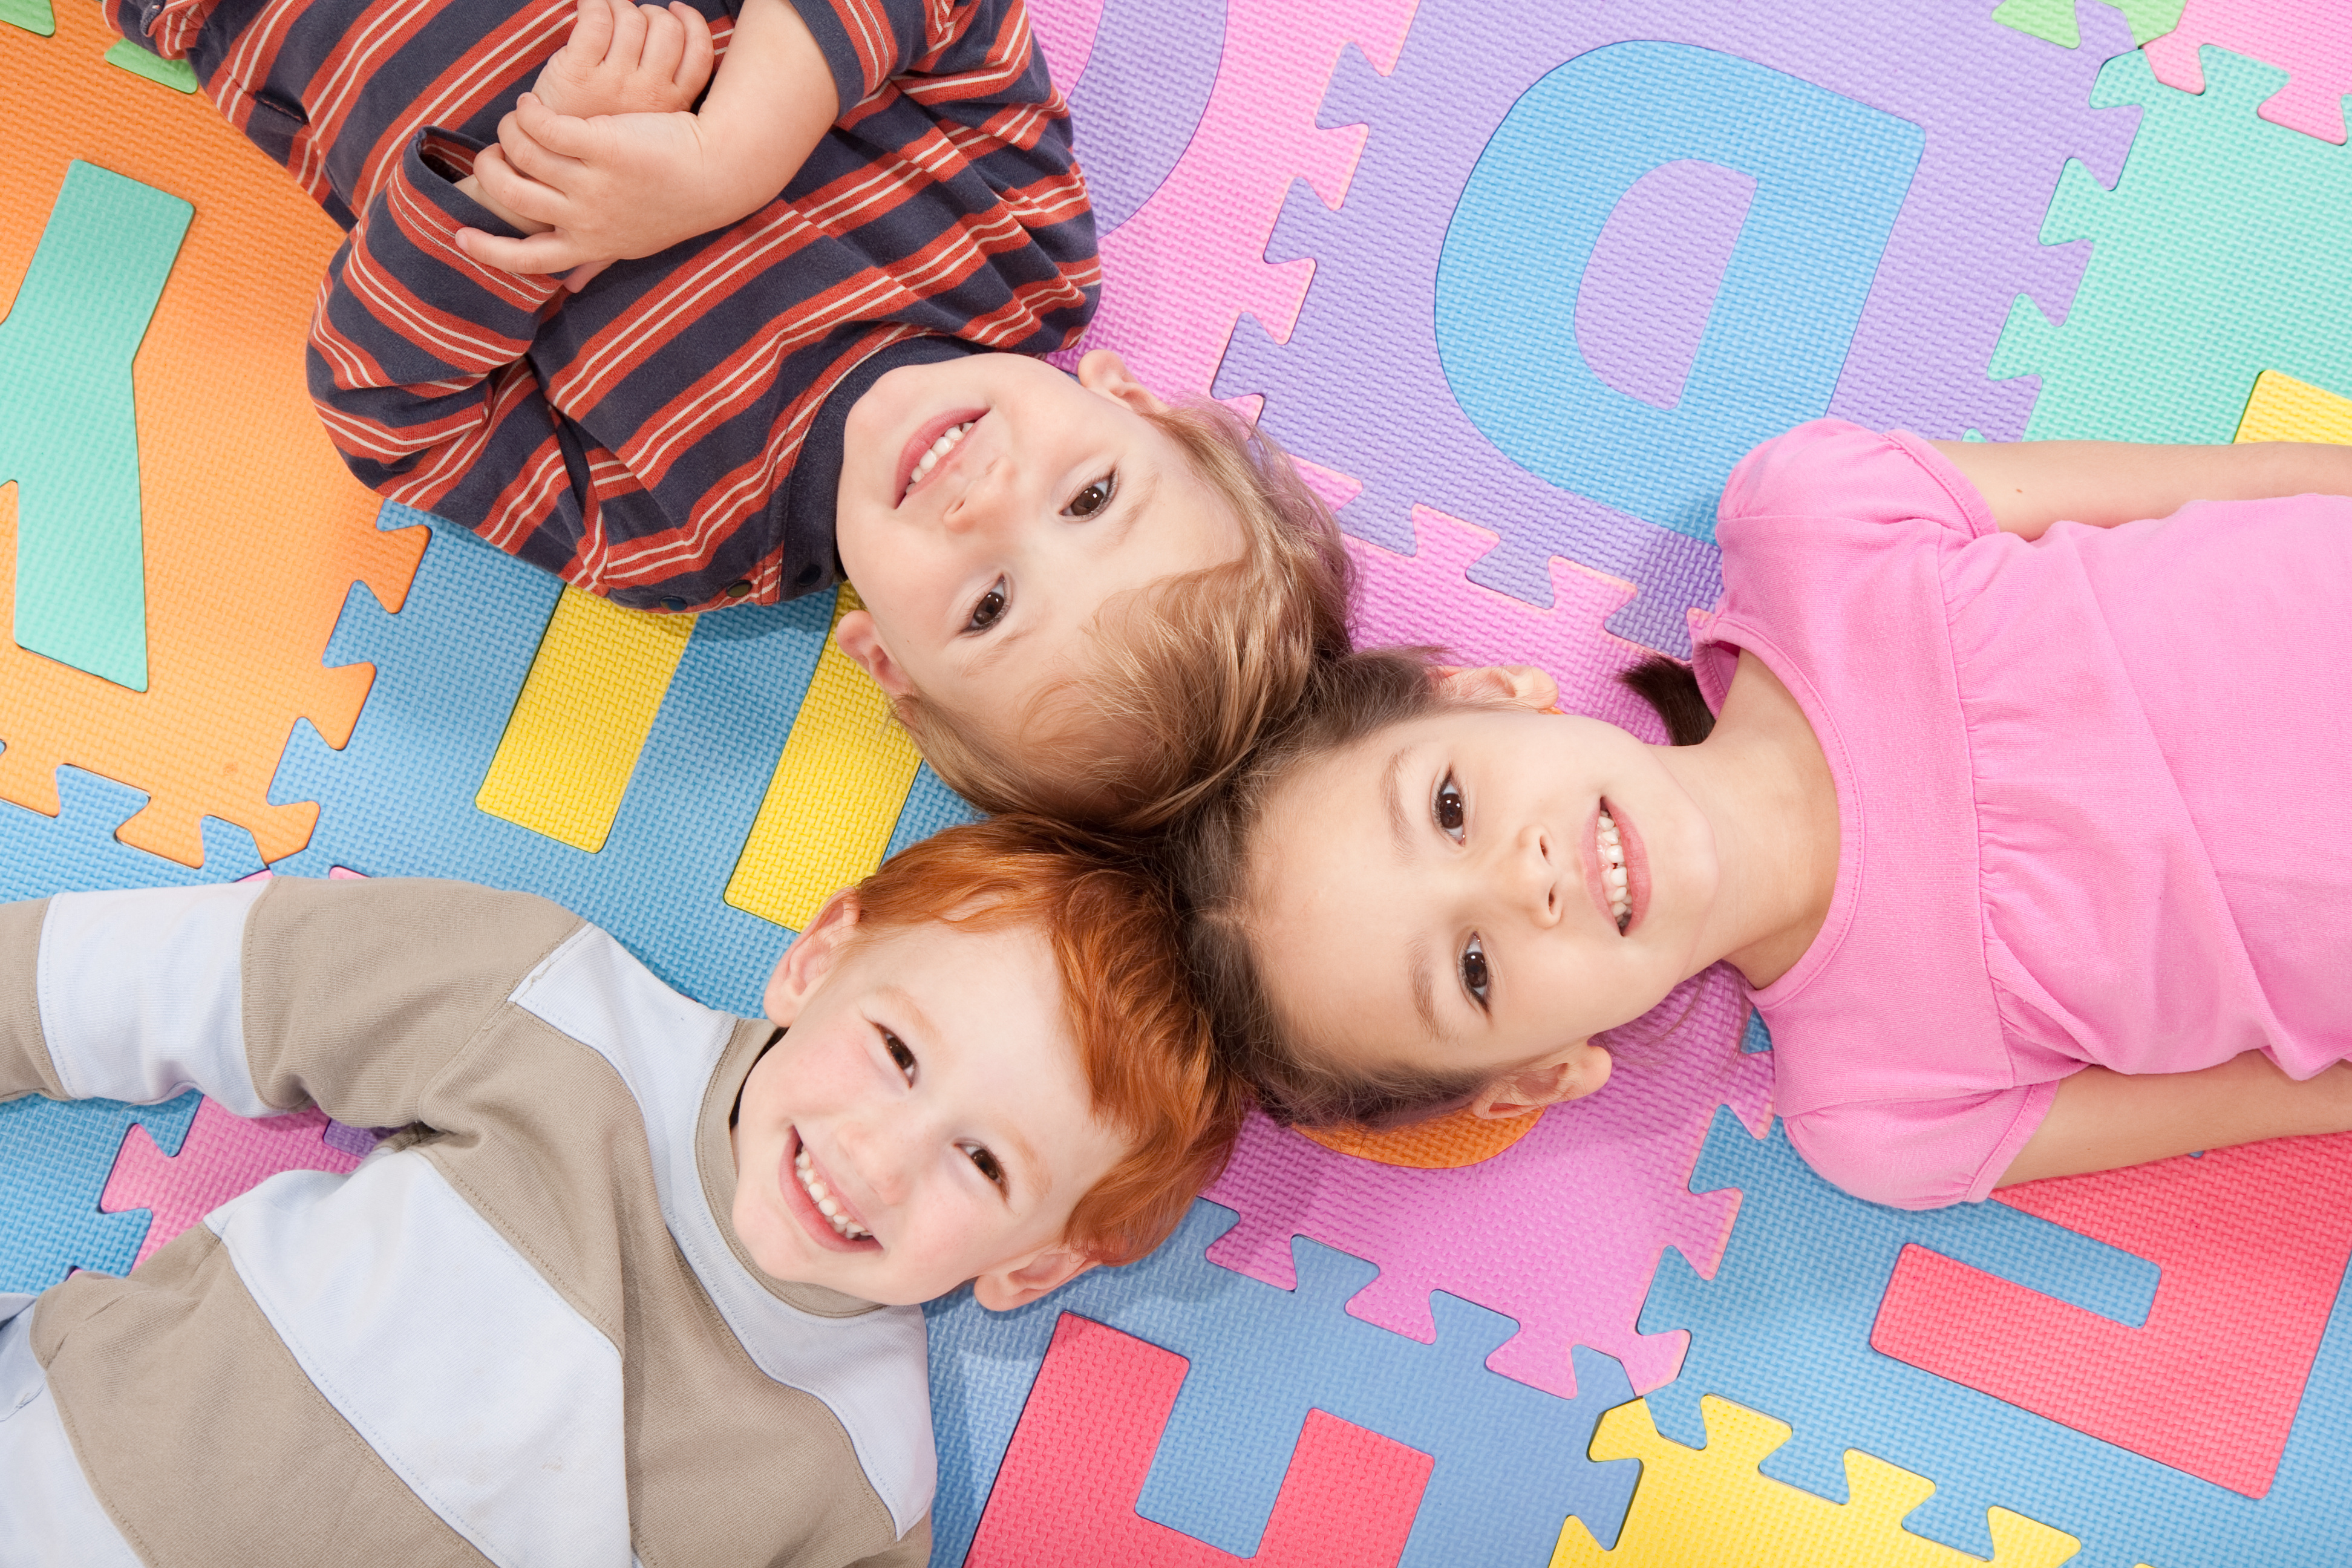 Rethinking how we Label Children